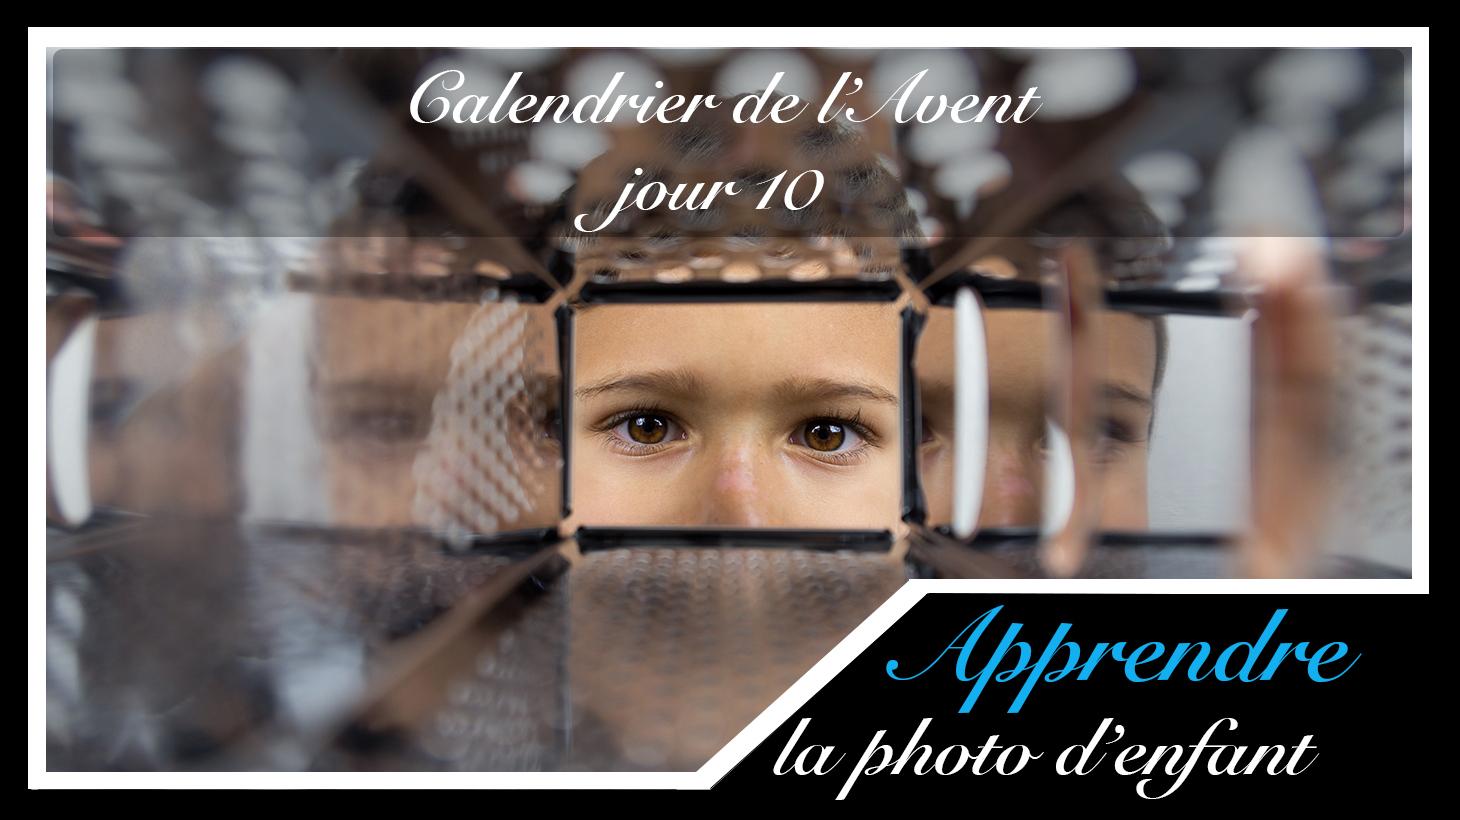 Jour 10 – Calendrier de l'Avent spécial Photo d'enfant